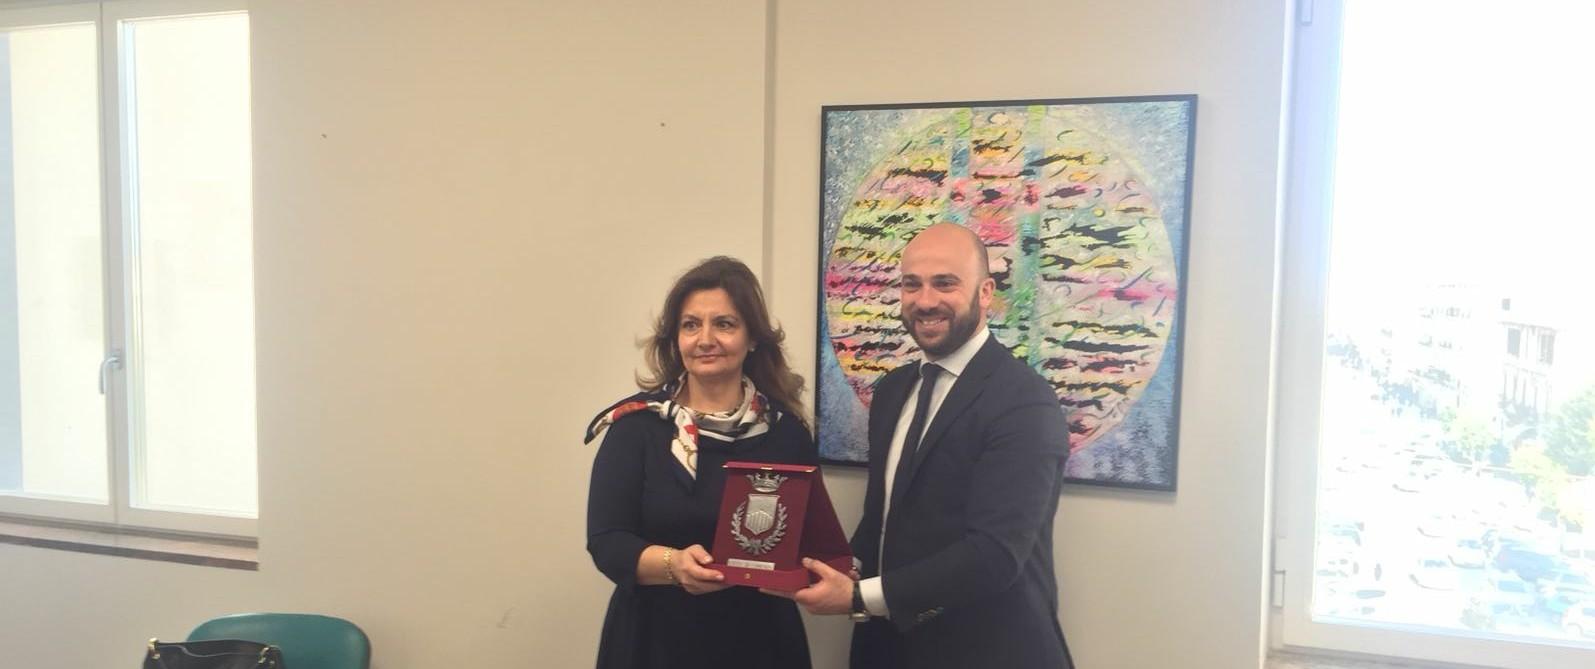 il Console Generale di Romania e il Presidente del Consiglio comunale Pierluigi Caputo~2